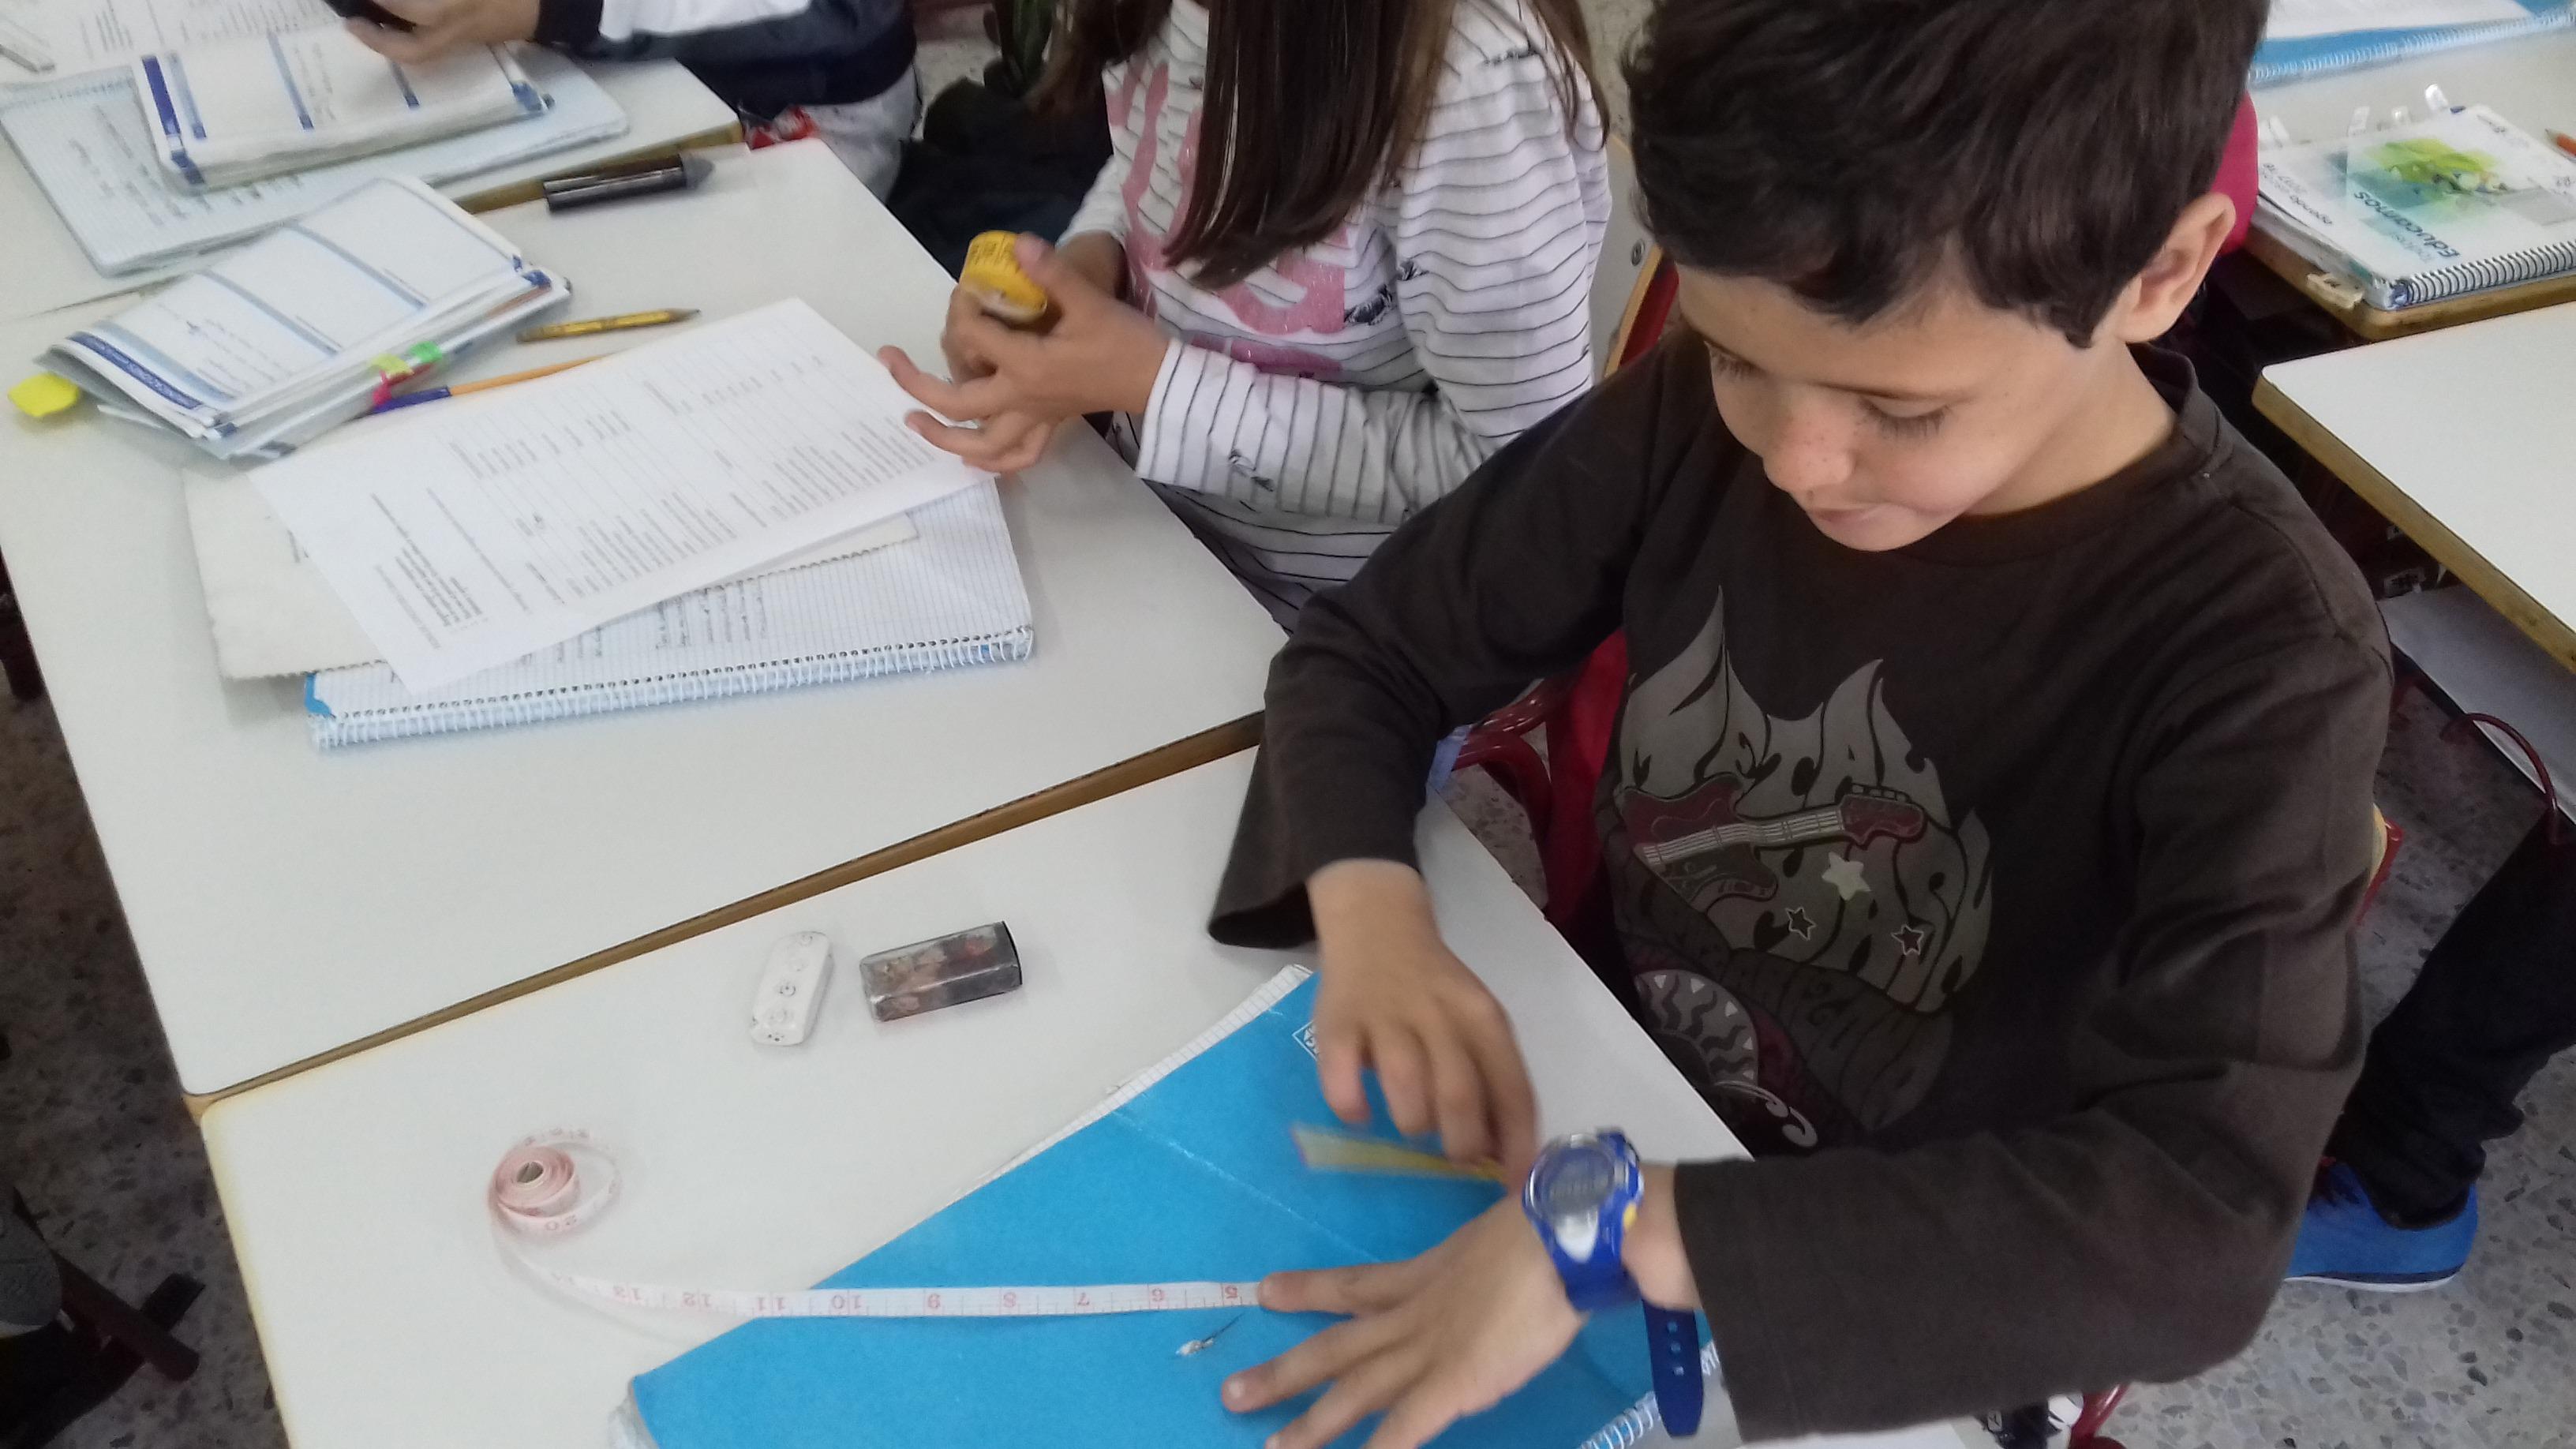 practicando con matemáticas